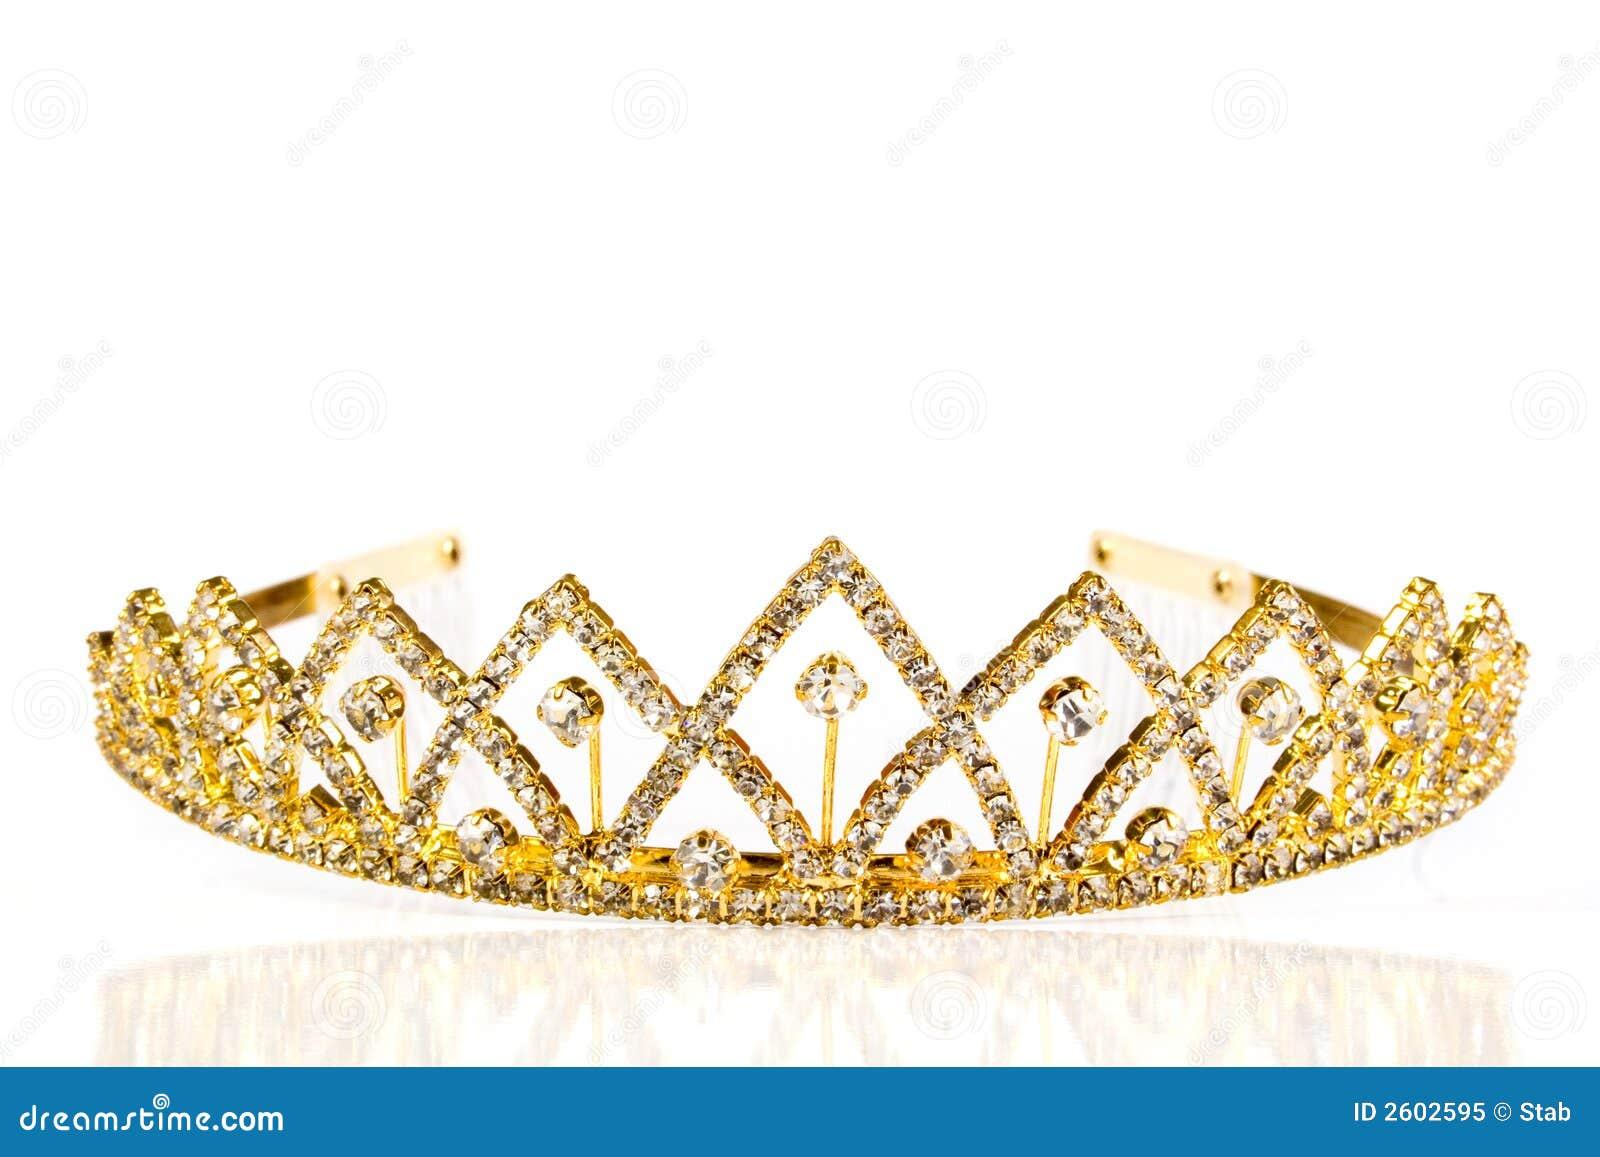 Queen crown Queen Crown Images